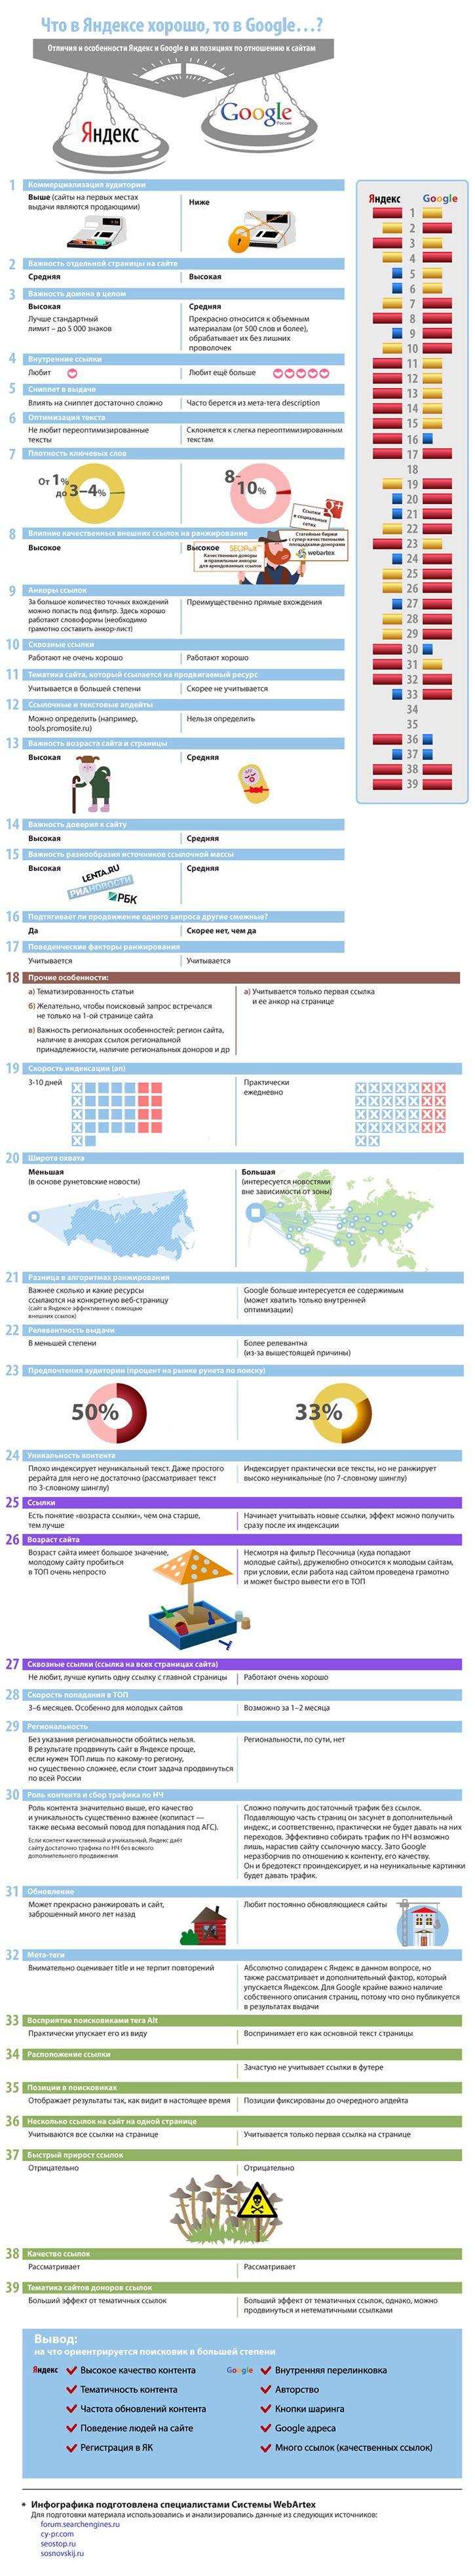 Как вывести сайт в топы Google и «Яндекса»?